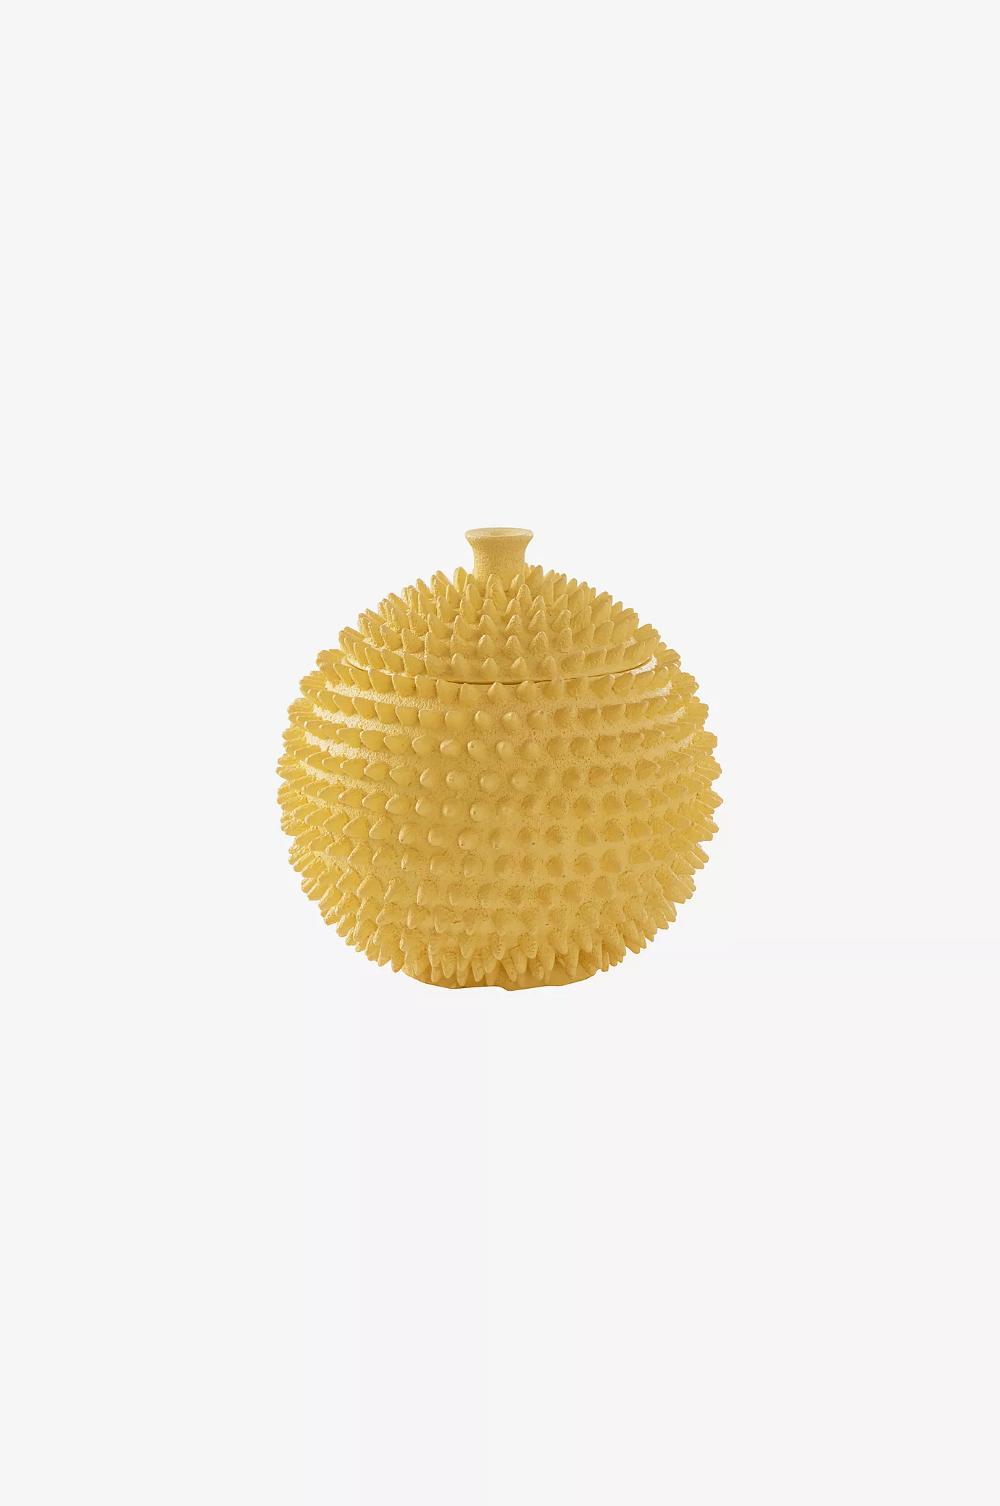 YAVA dekorativ krukke - lille - Gul - Dekoration - Jotex